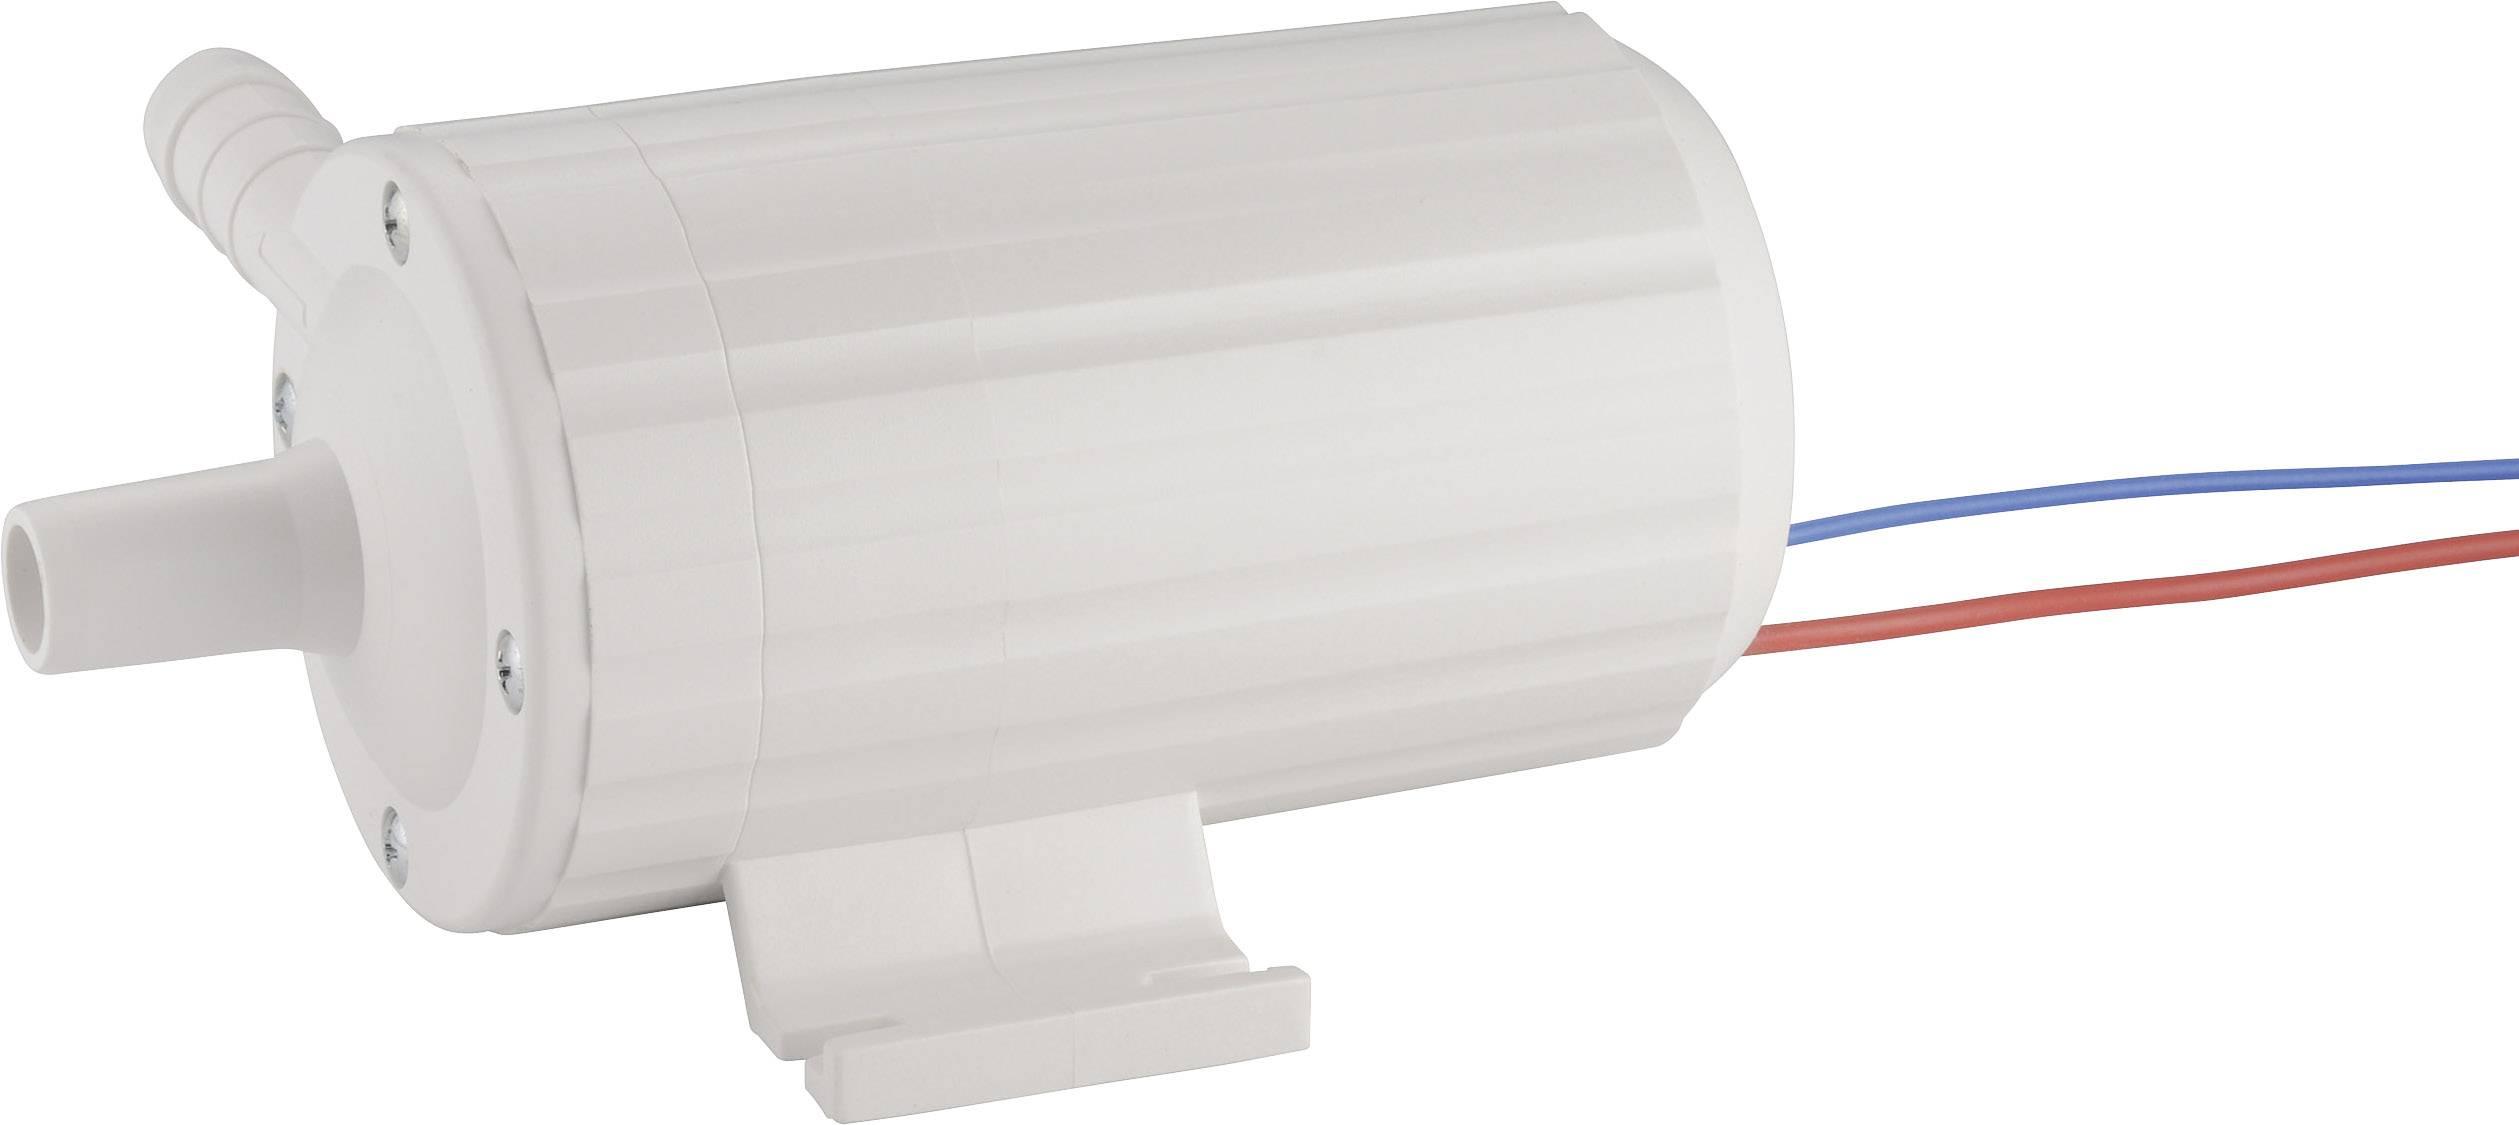 Nízkonapěťové průtokové čerpadlo Barwig 02, 1200 l/h, 12 V